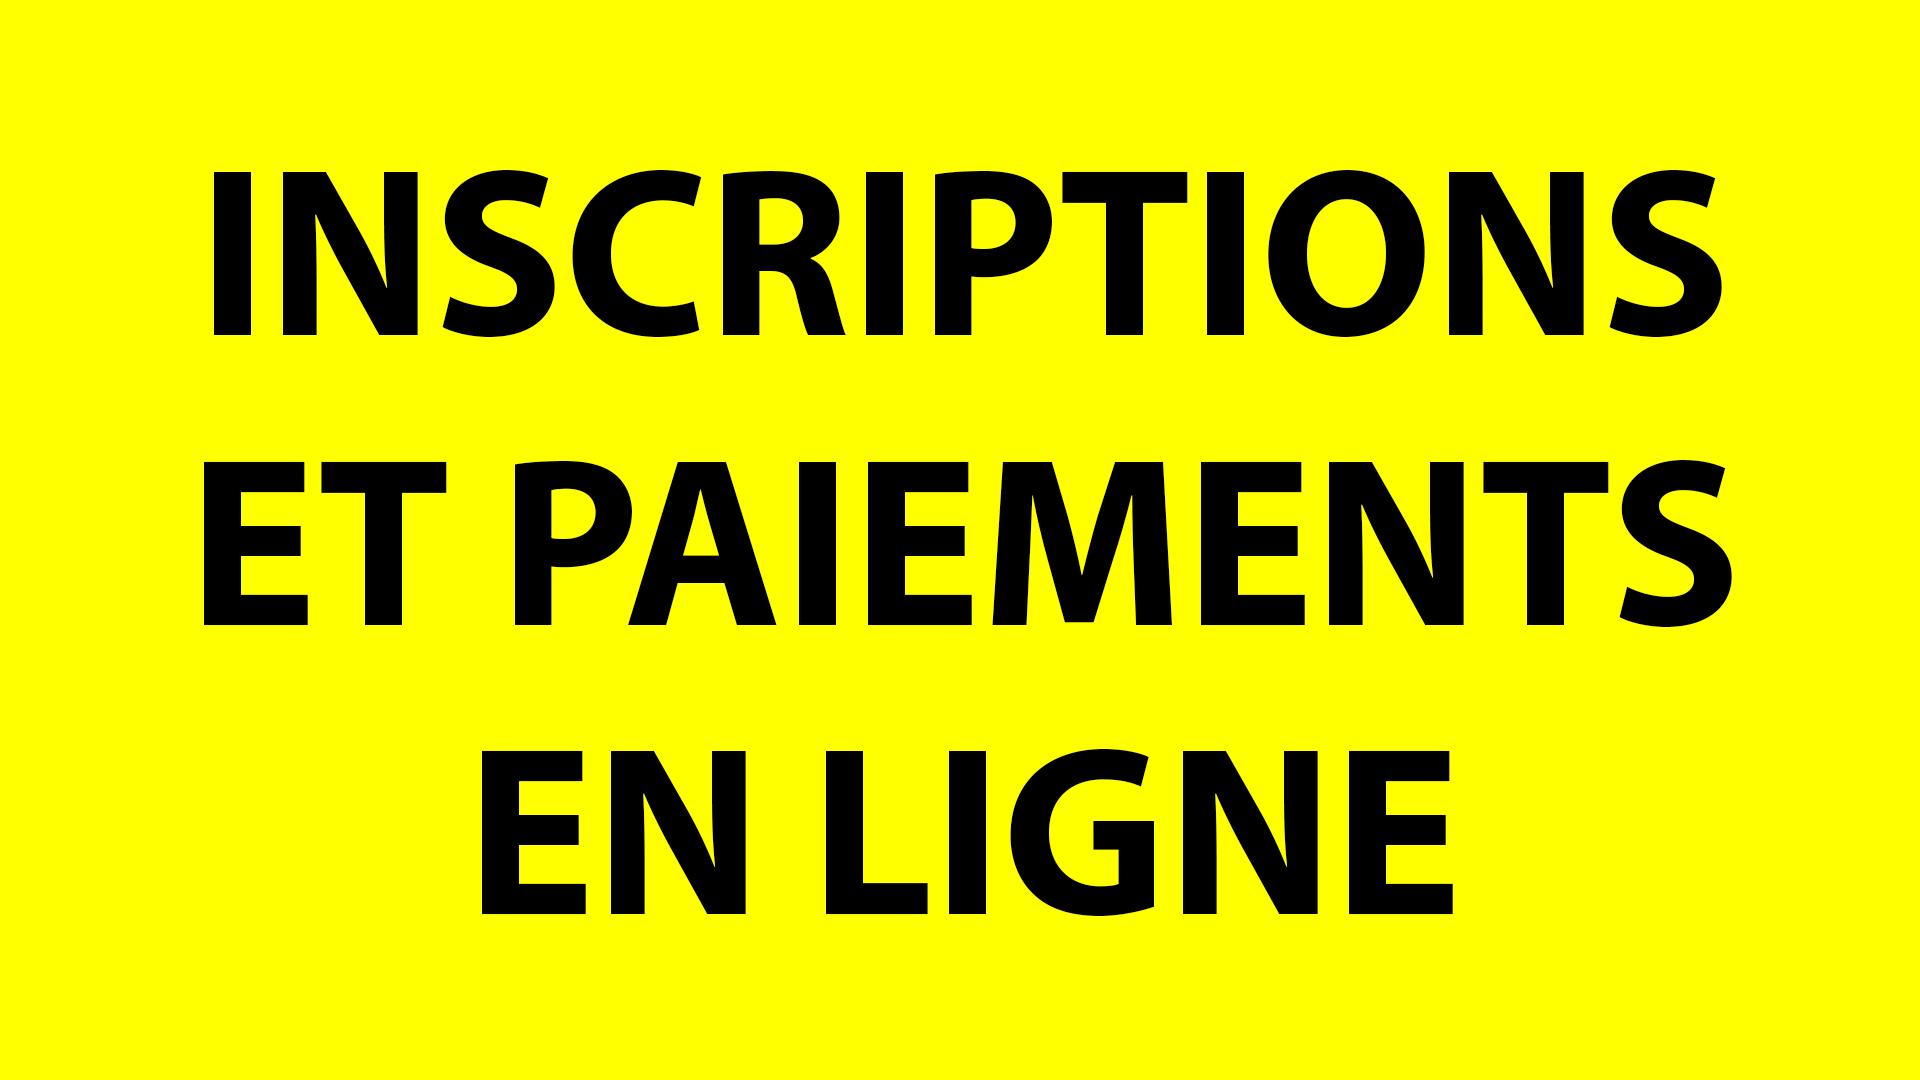 paiments-inscriptions-ligne.png